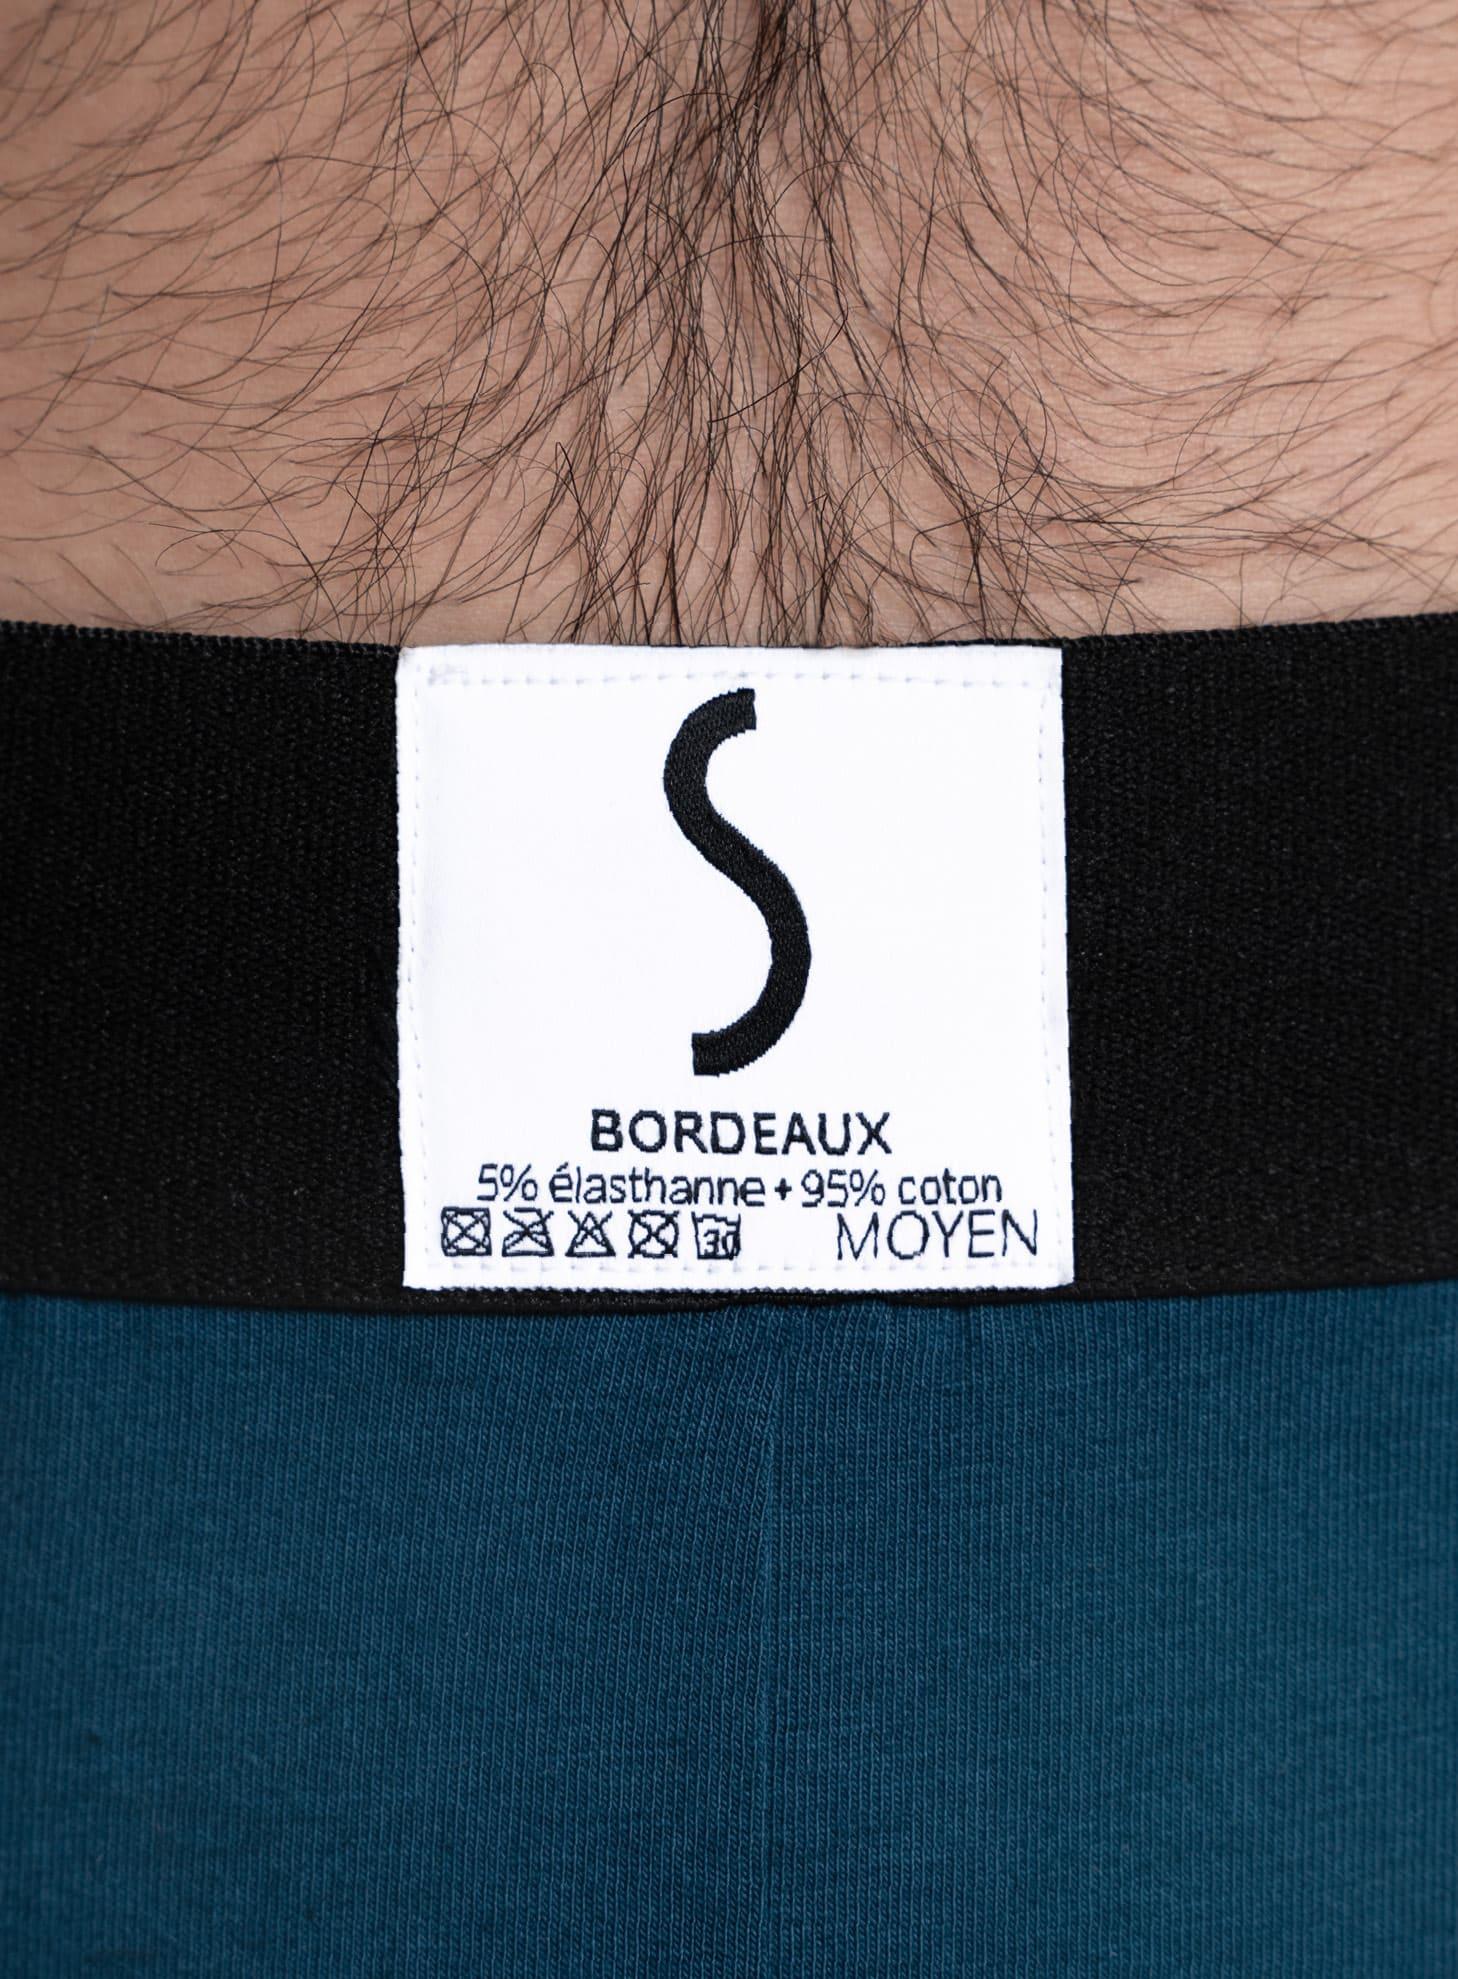 Etiquette de sous-vêtement homme S BORDEAUX